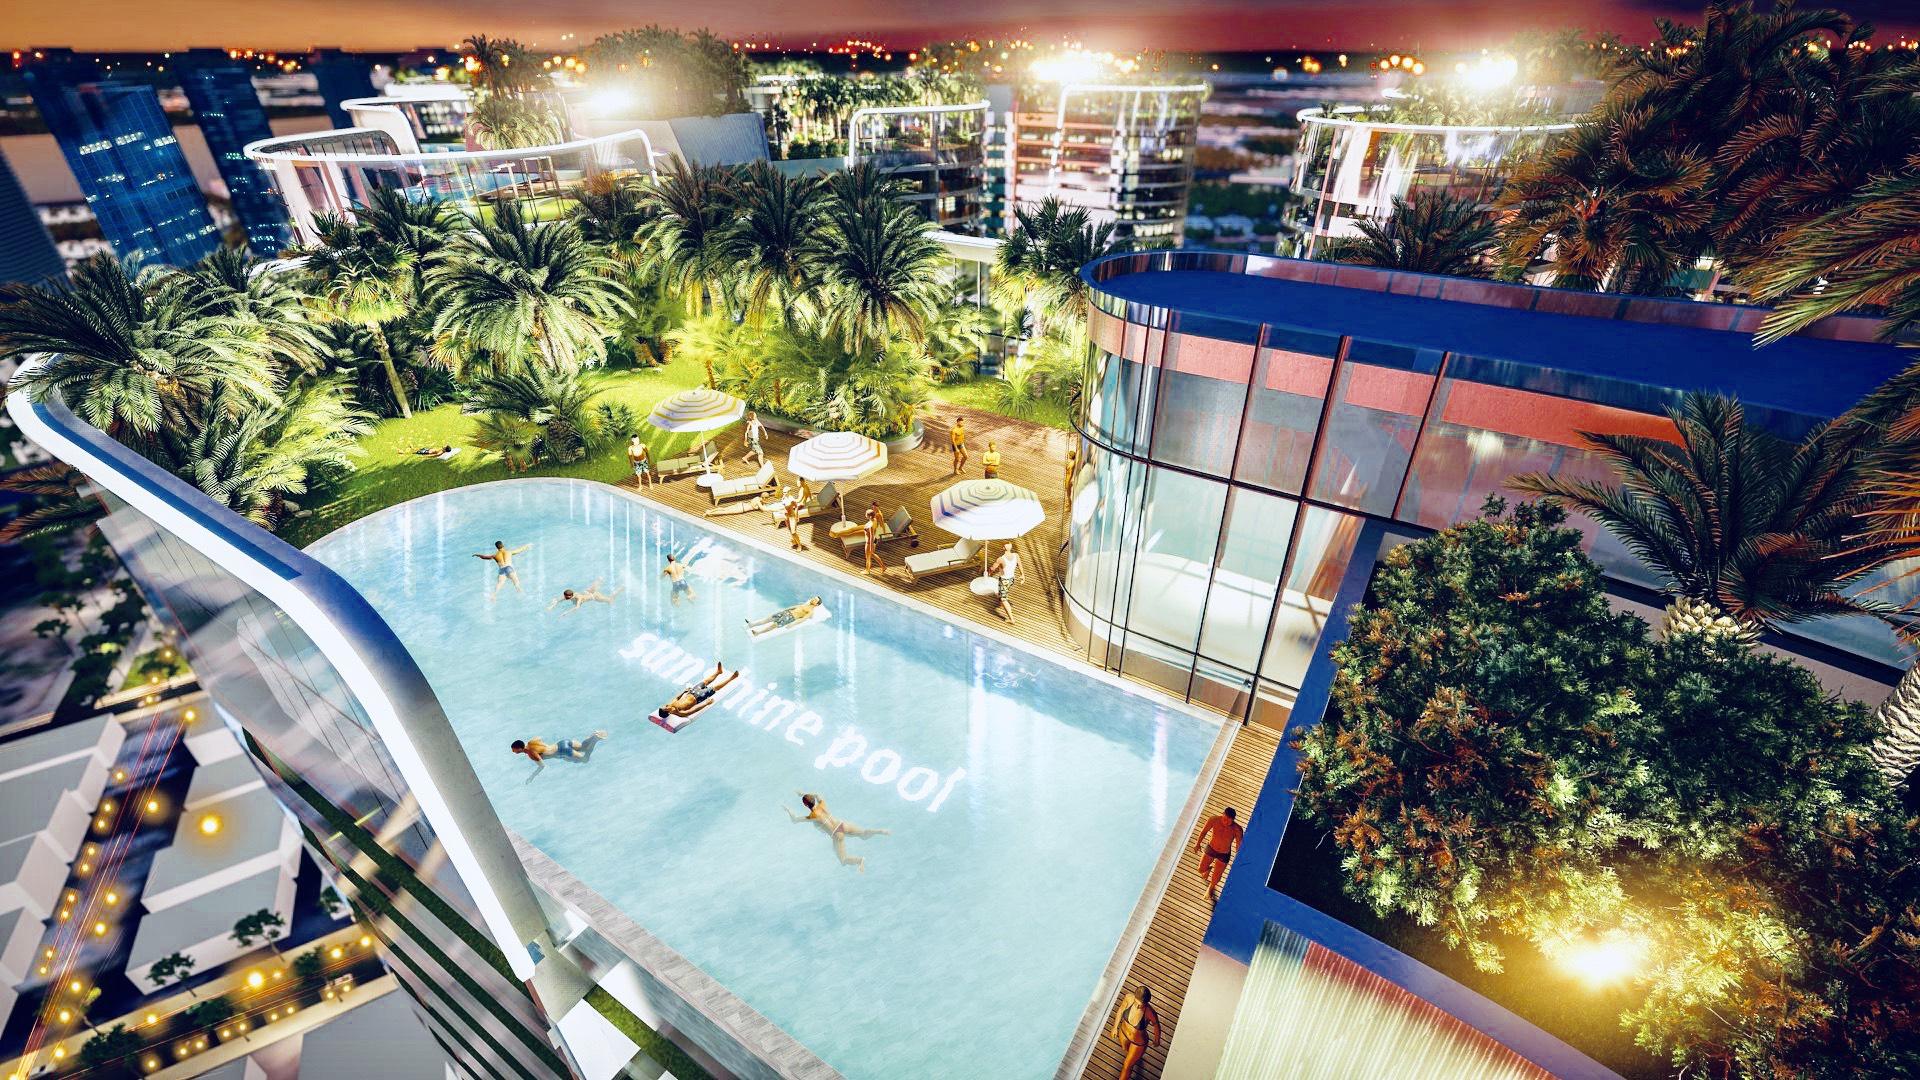 Hồ bơi vô cực tầng thượng & kết hợp Sky Bar view sông Sài Gòn đẹp lung linh.